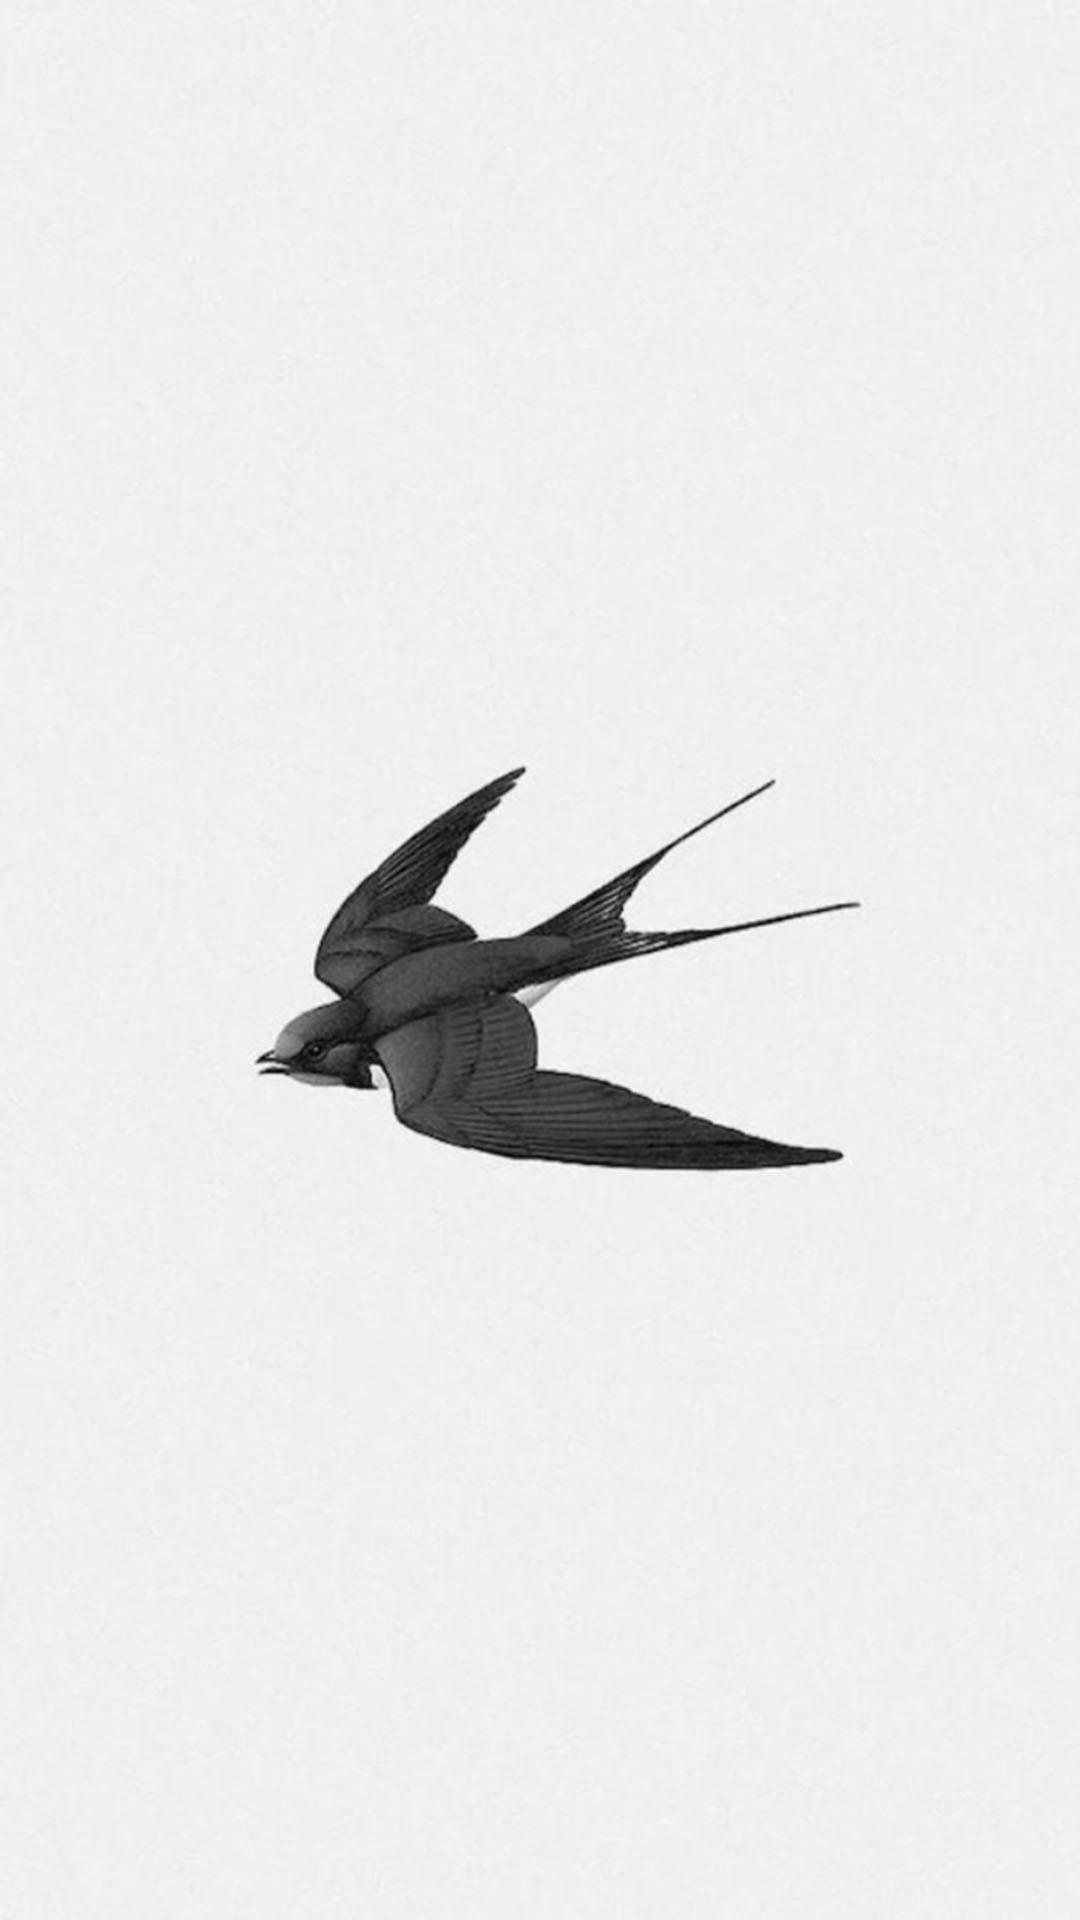 手绘 黑色小燕子